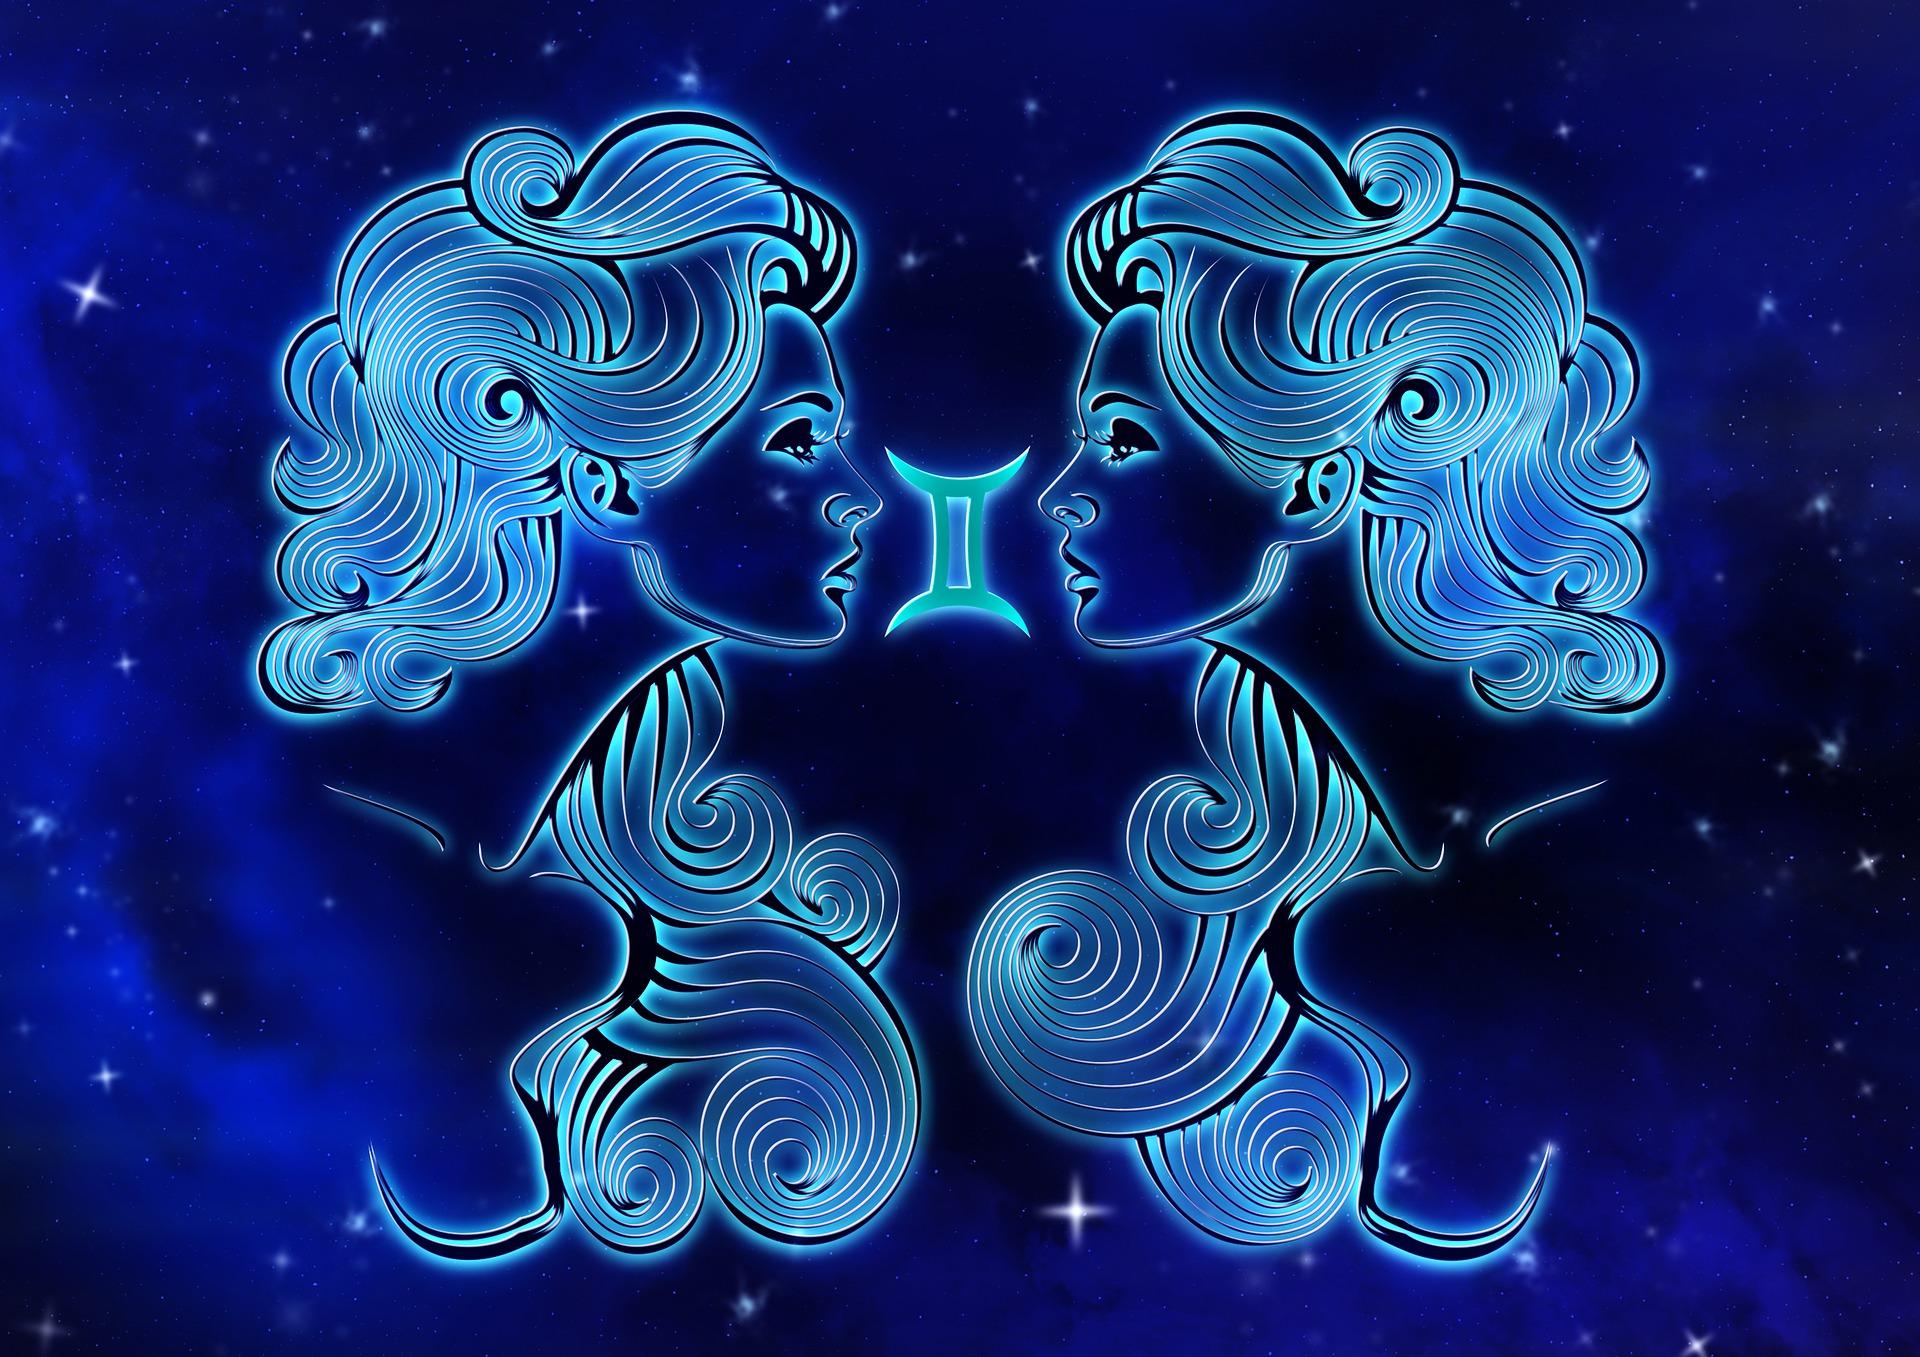 De horoscoop per sterrenbeeld vanaf 21 april 2021